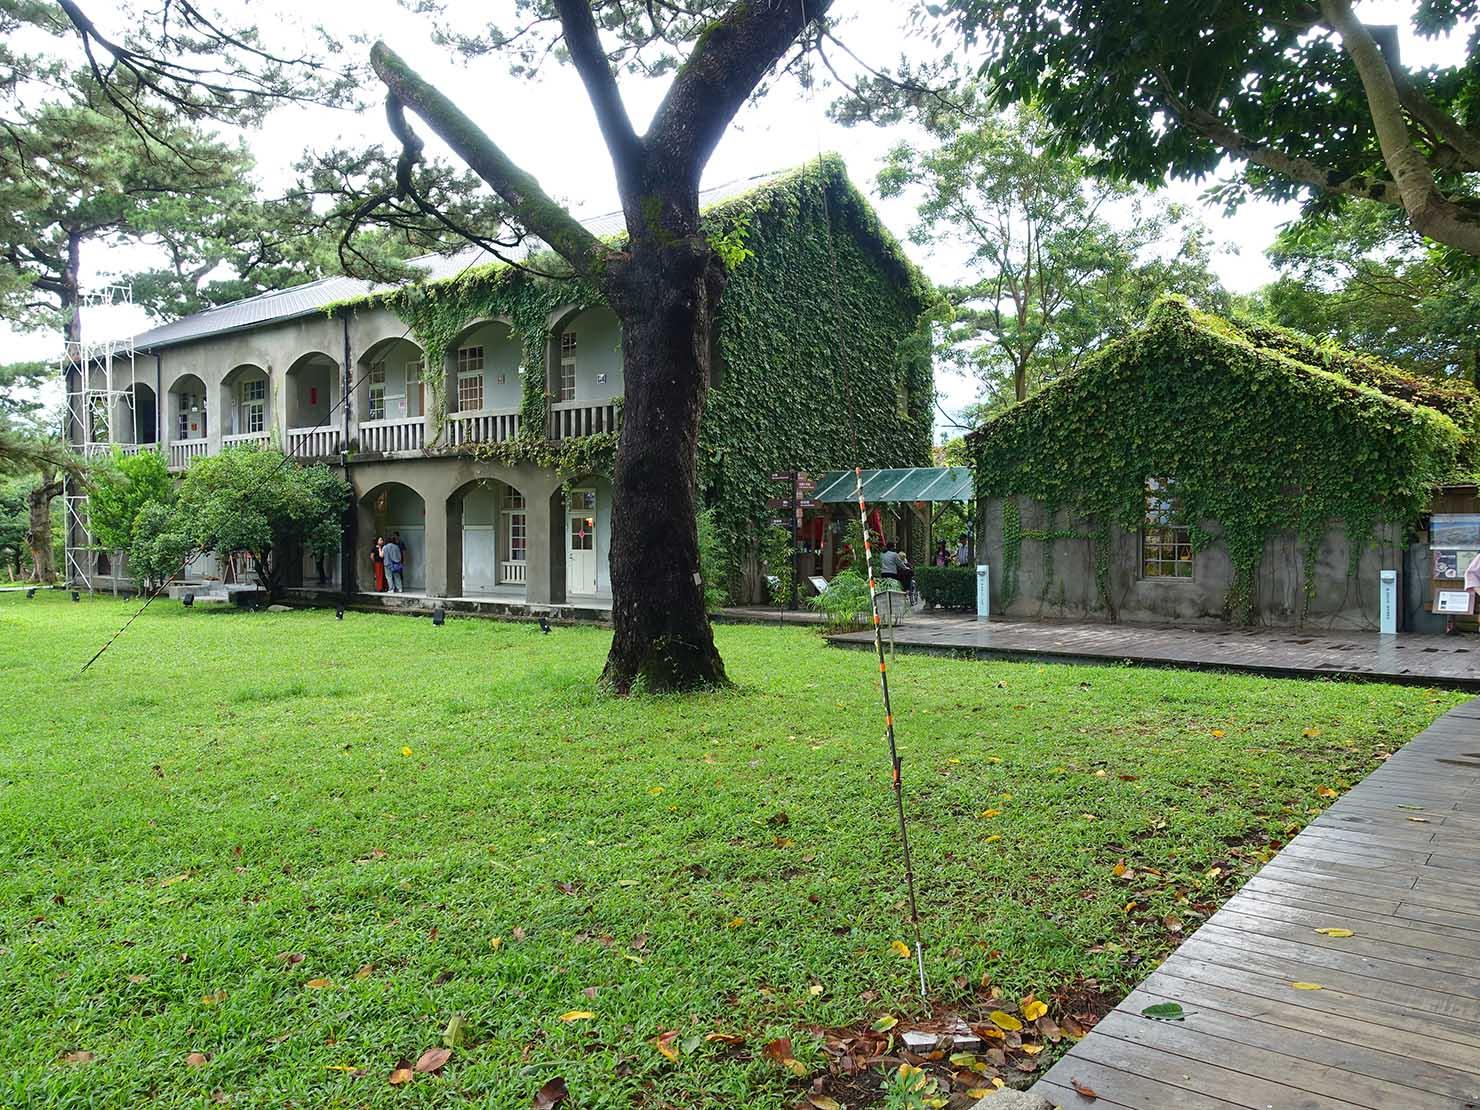 台湾・花蓮のおすすめ観光スポット「松園別館」の外観